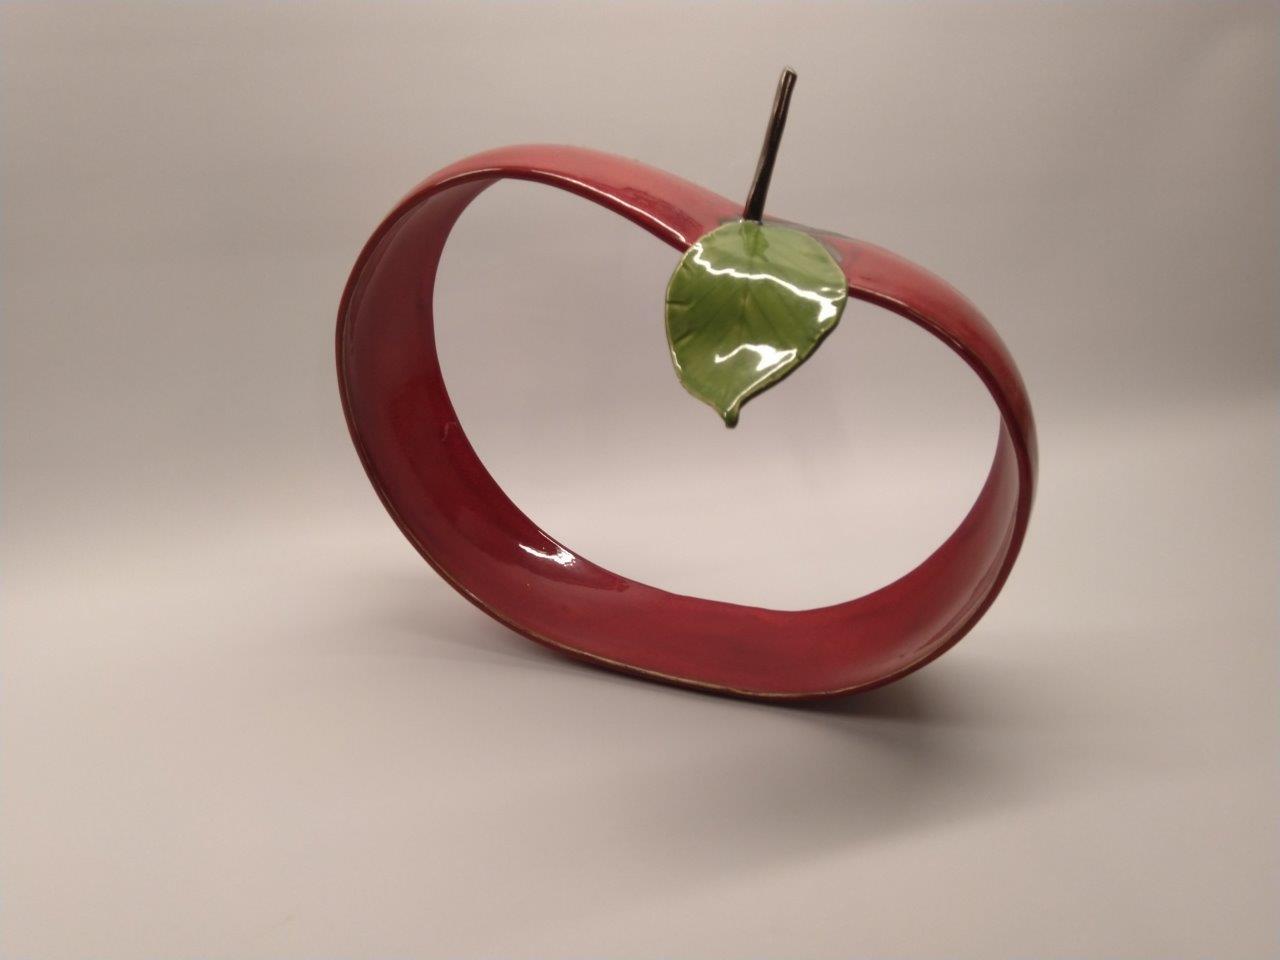 appel gedraaid